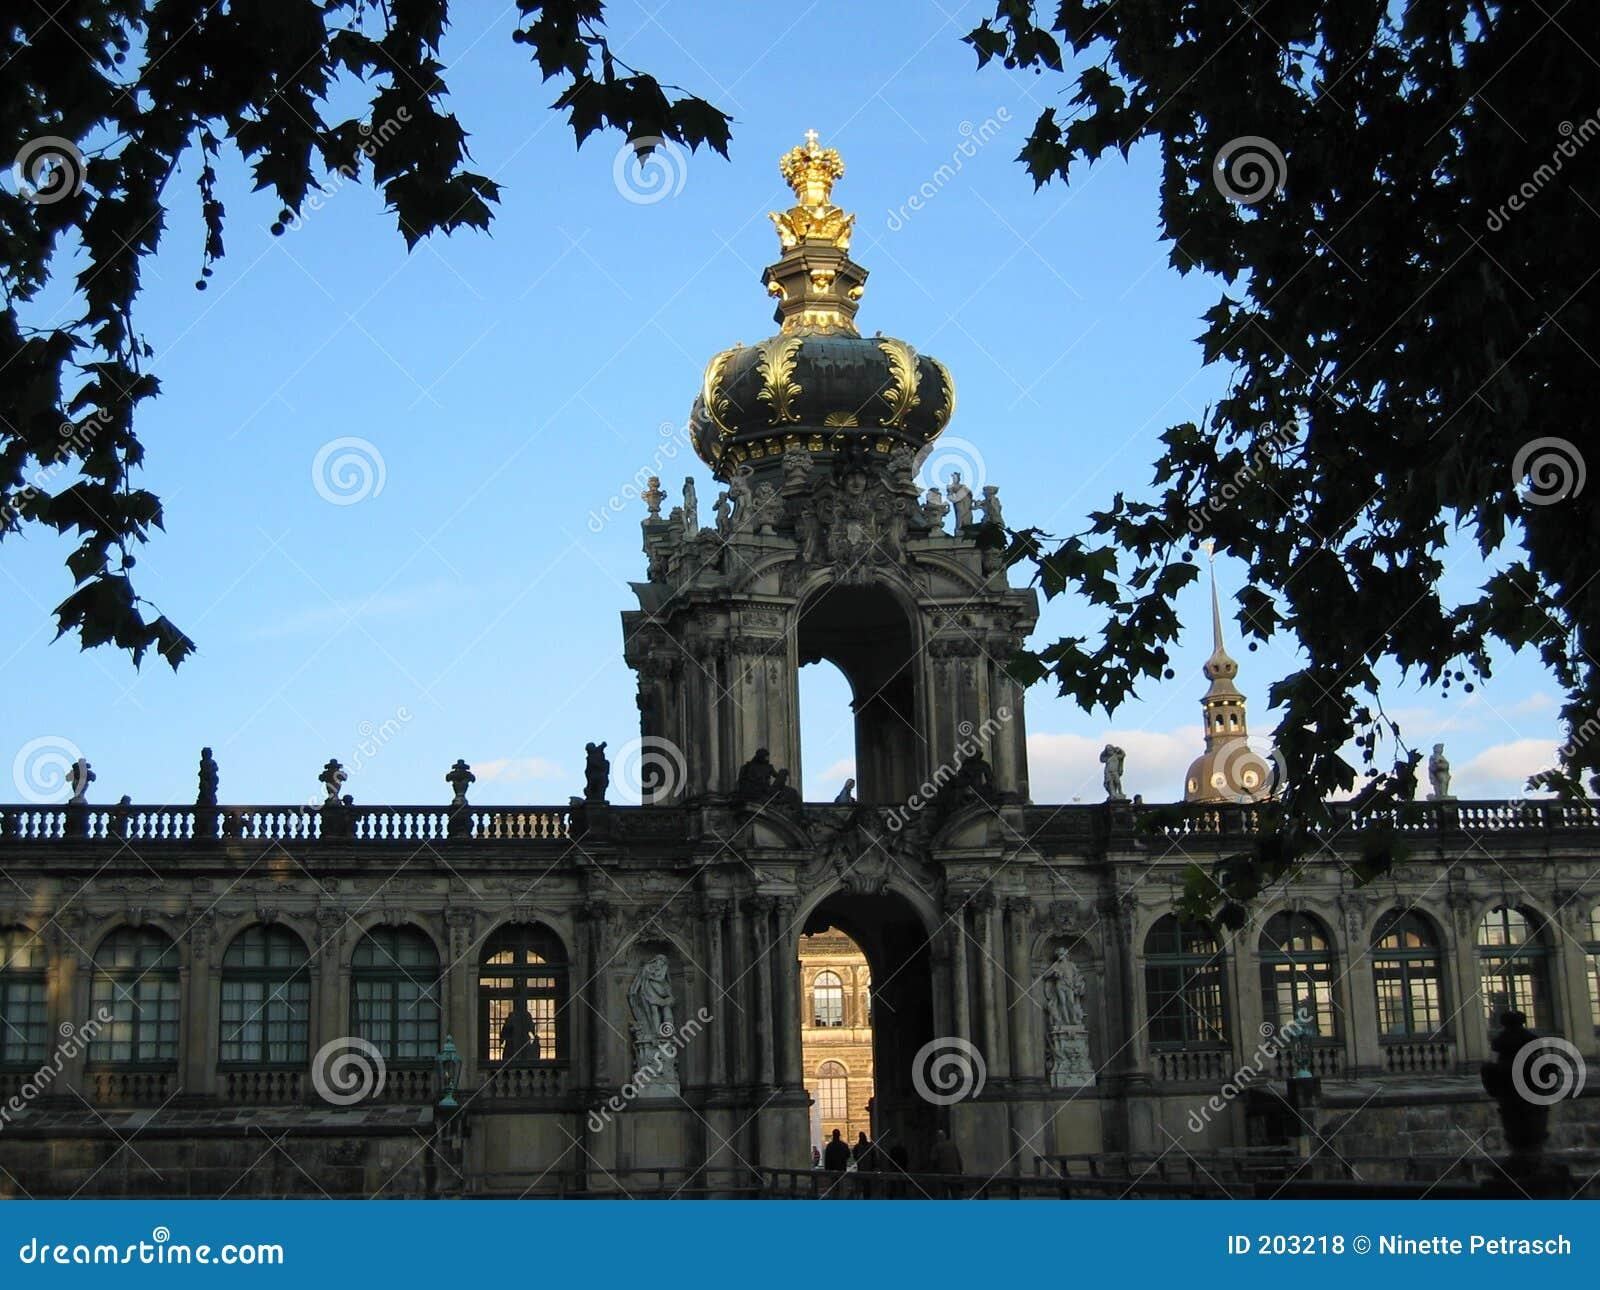 3 Dresden German